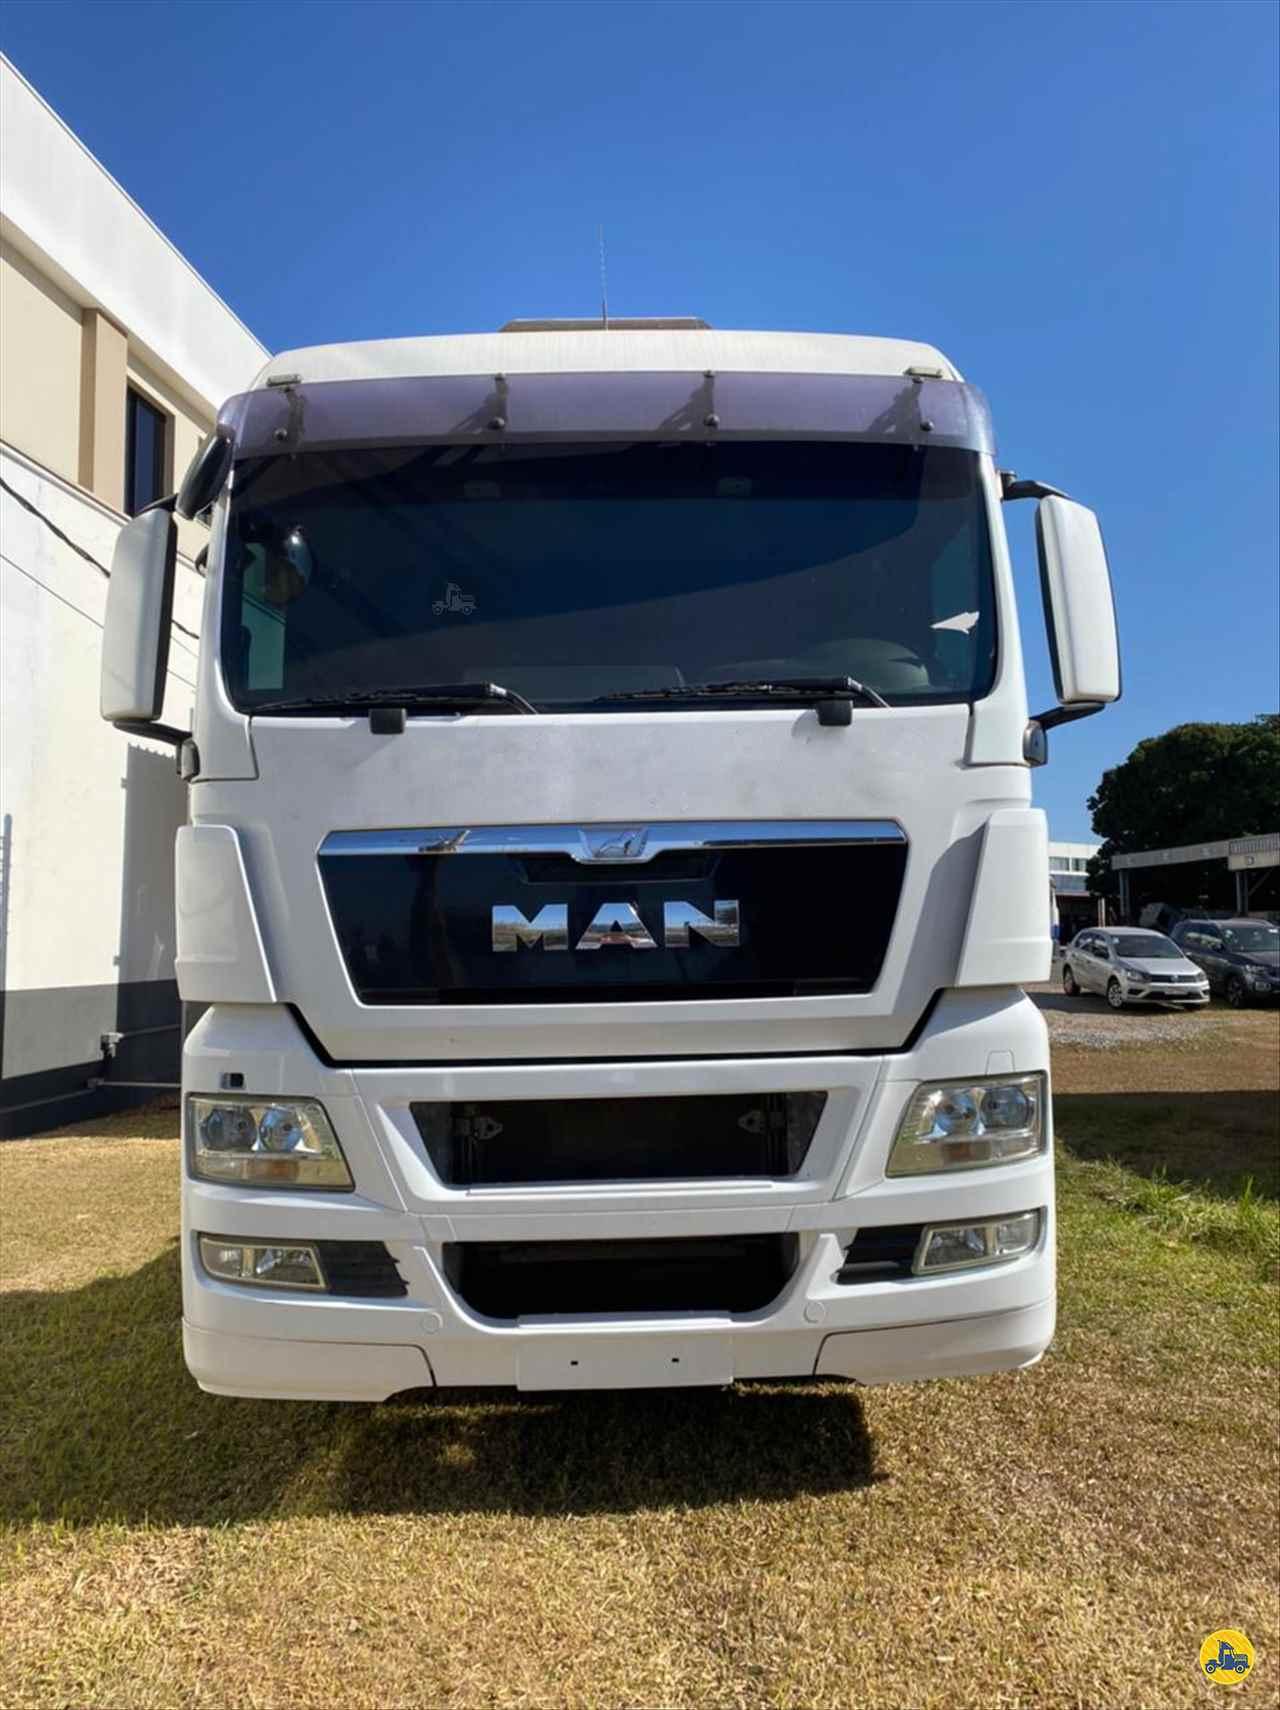 CAMINHAO MAN TGX 28 440 Chassis Truck 6x2 AutoPatos - VW PATOS DE MINAS MINAS GERAIS MG